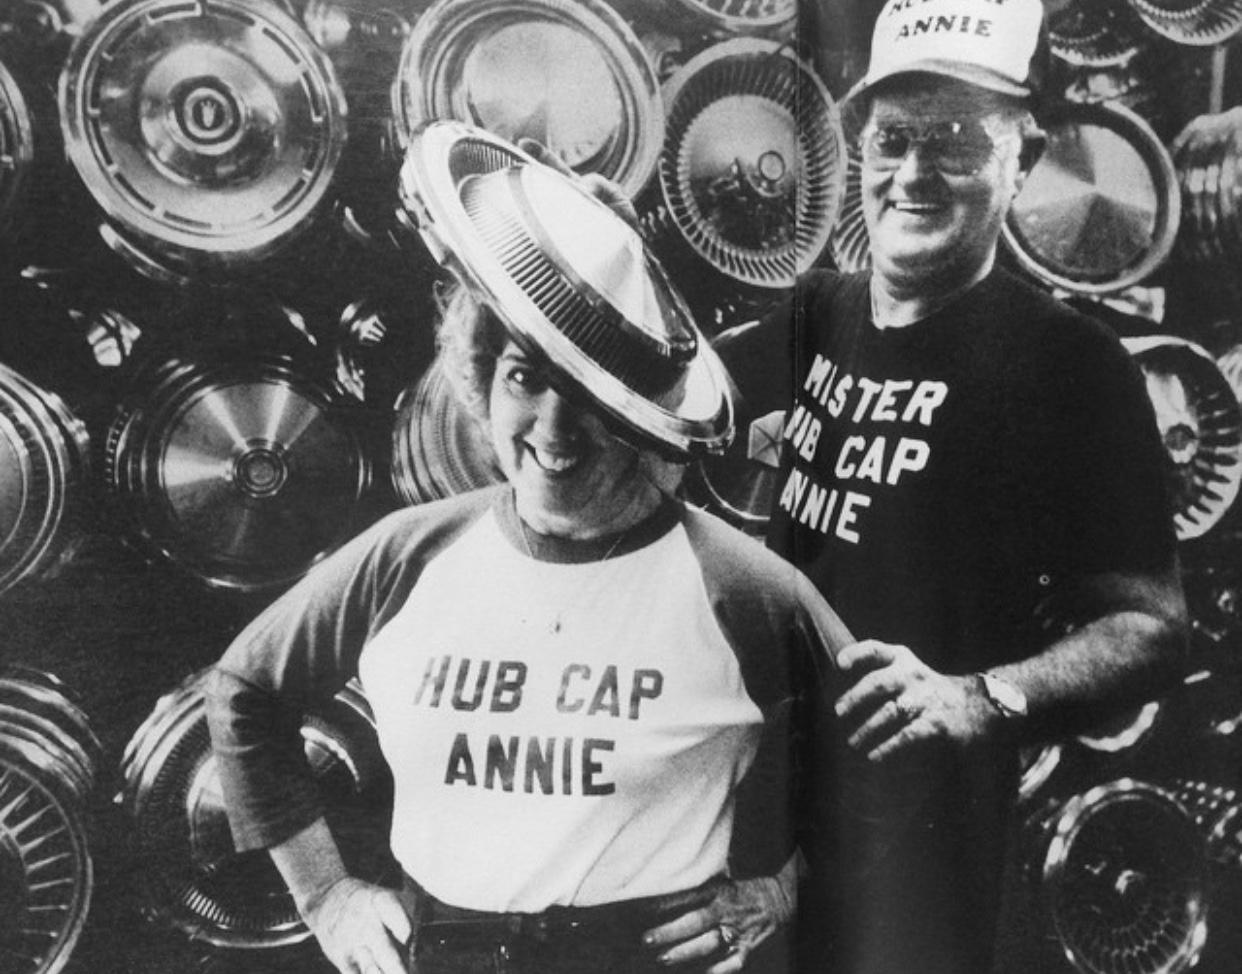 Hub Cap Annie